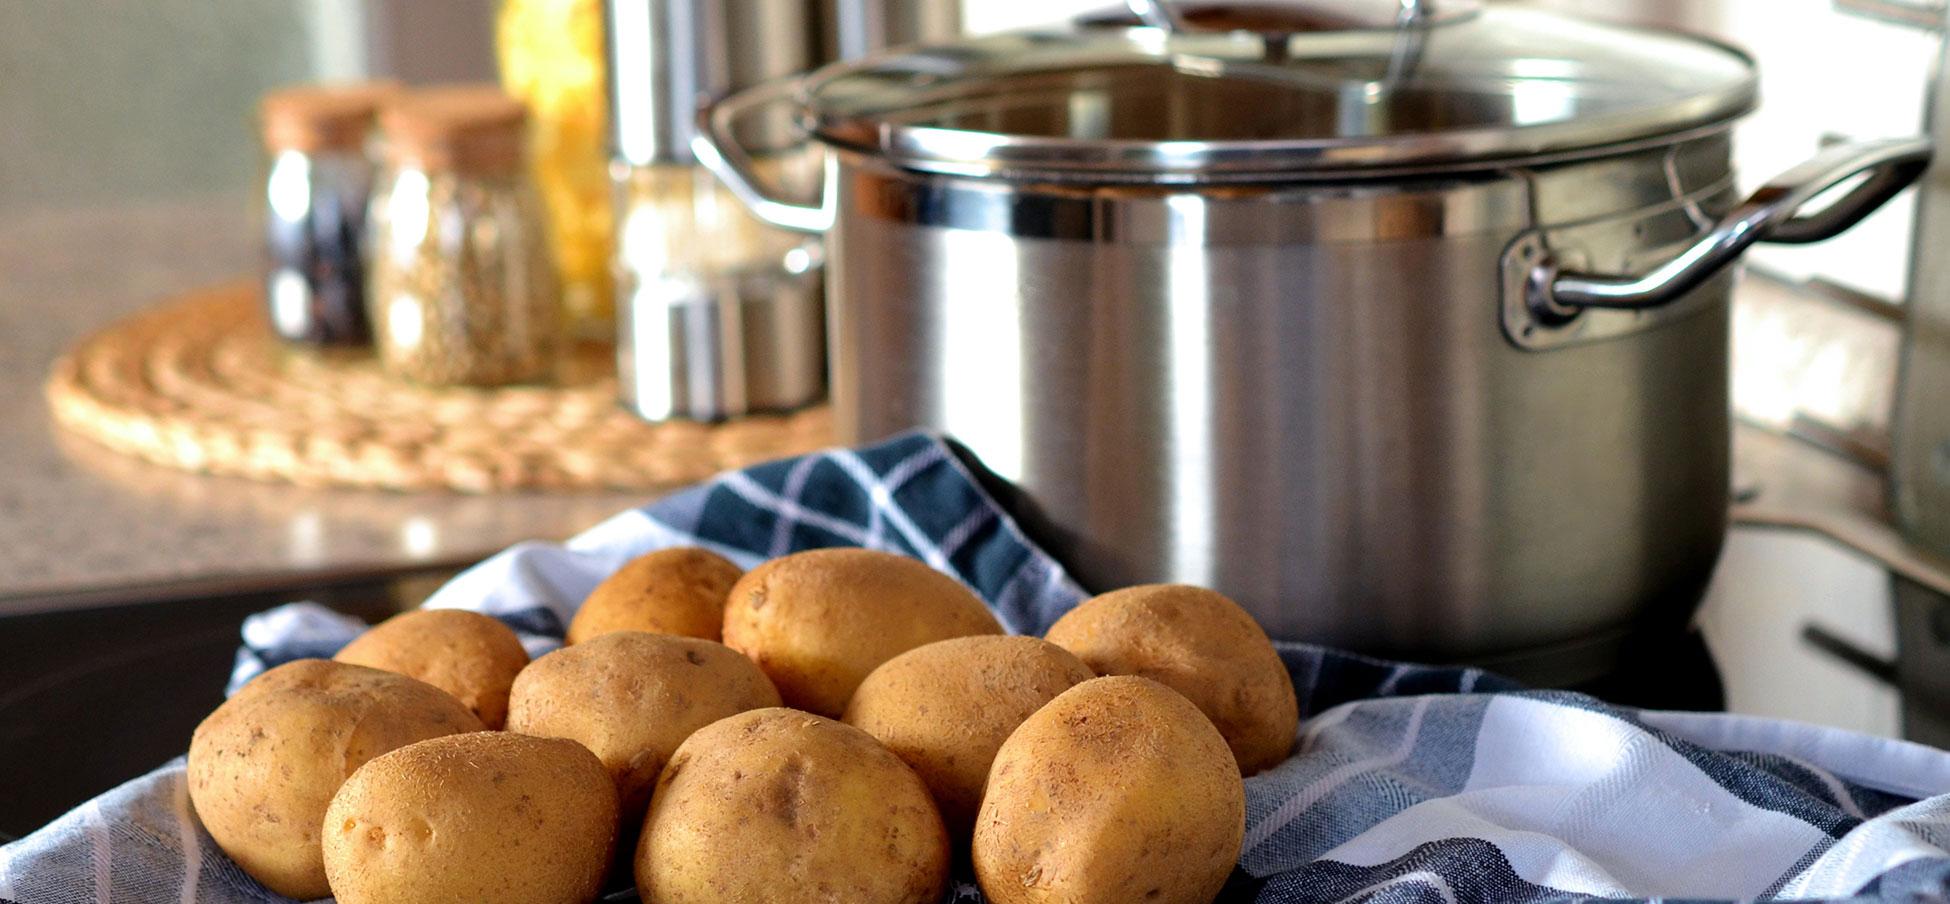 How To Make Vodka Using Potato Mash